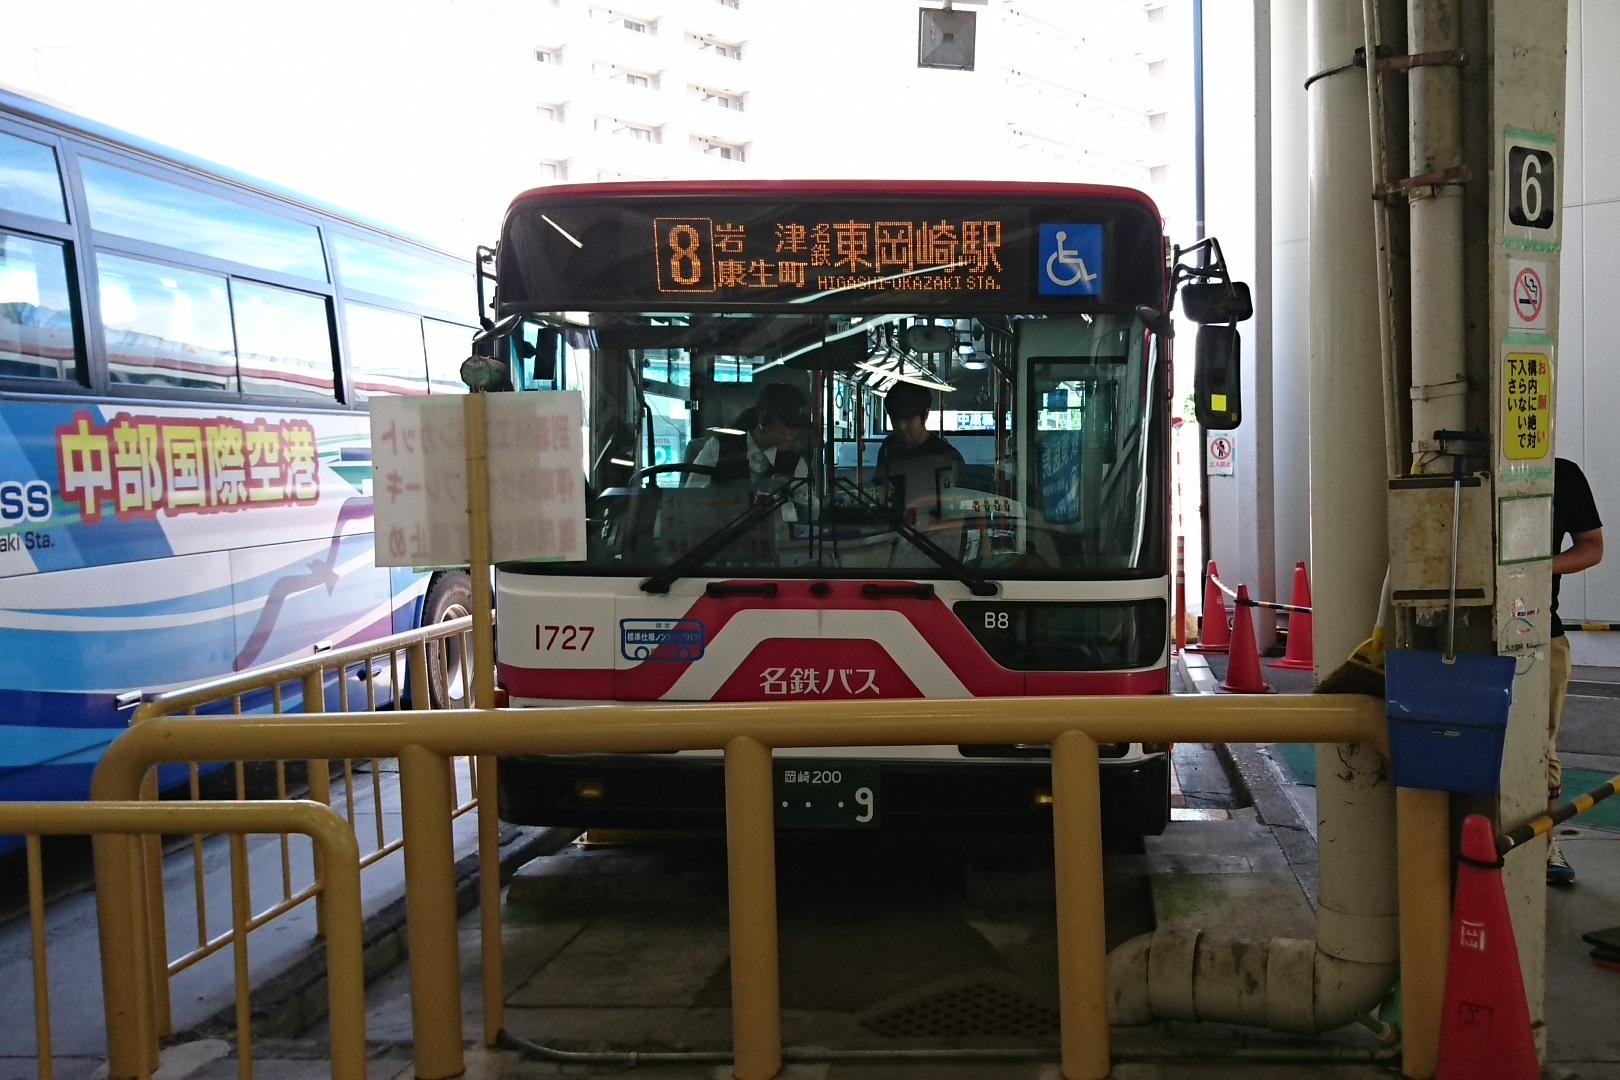 2018.6.22 (104) 東岡崎 - 東岡崎いきバス 1620-1080